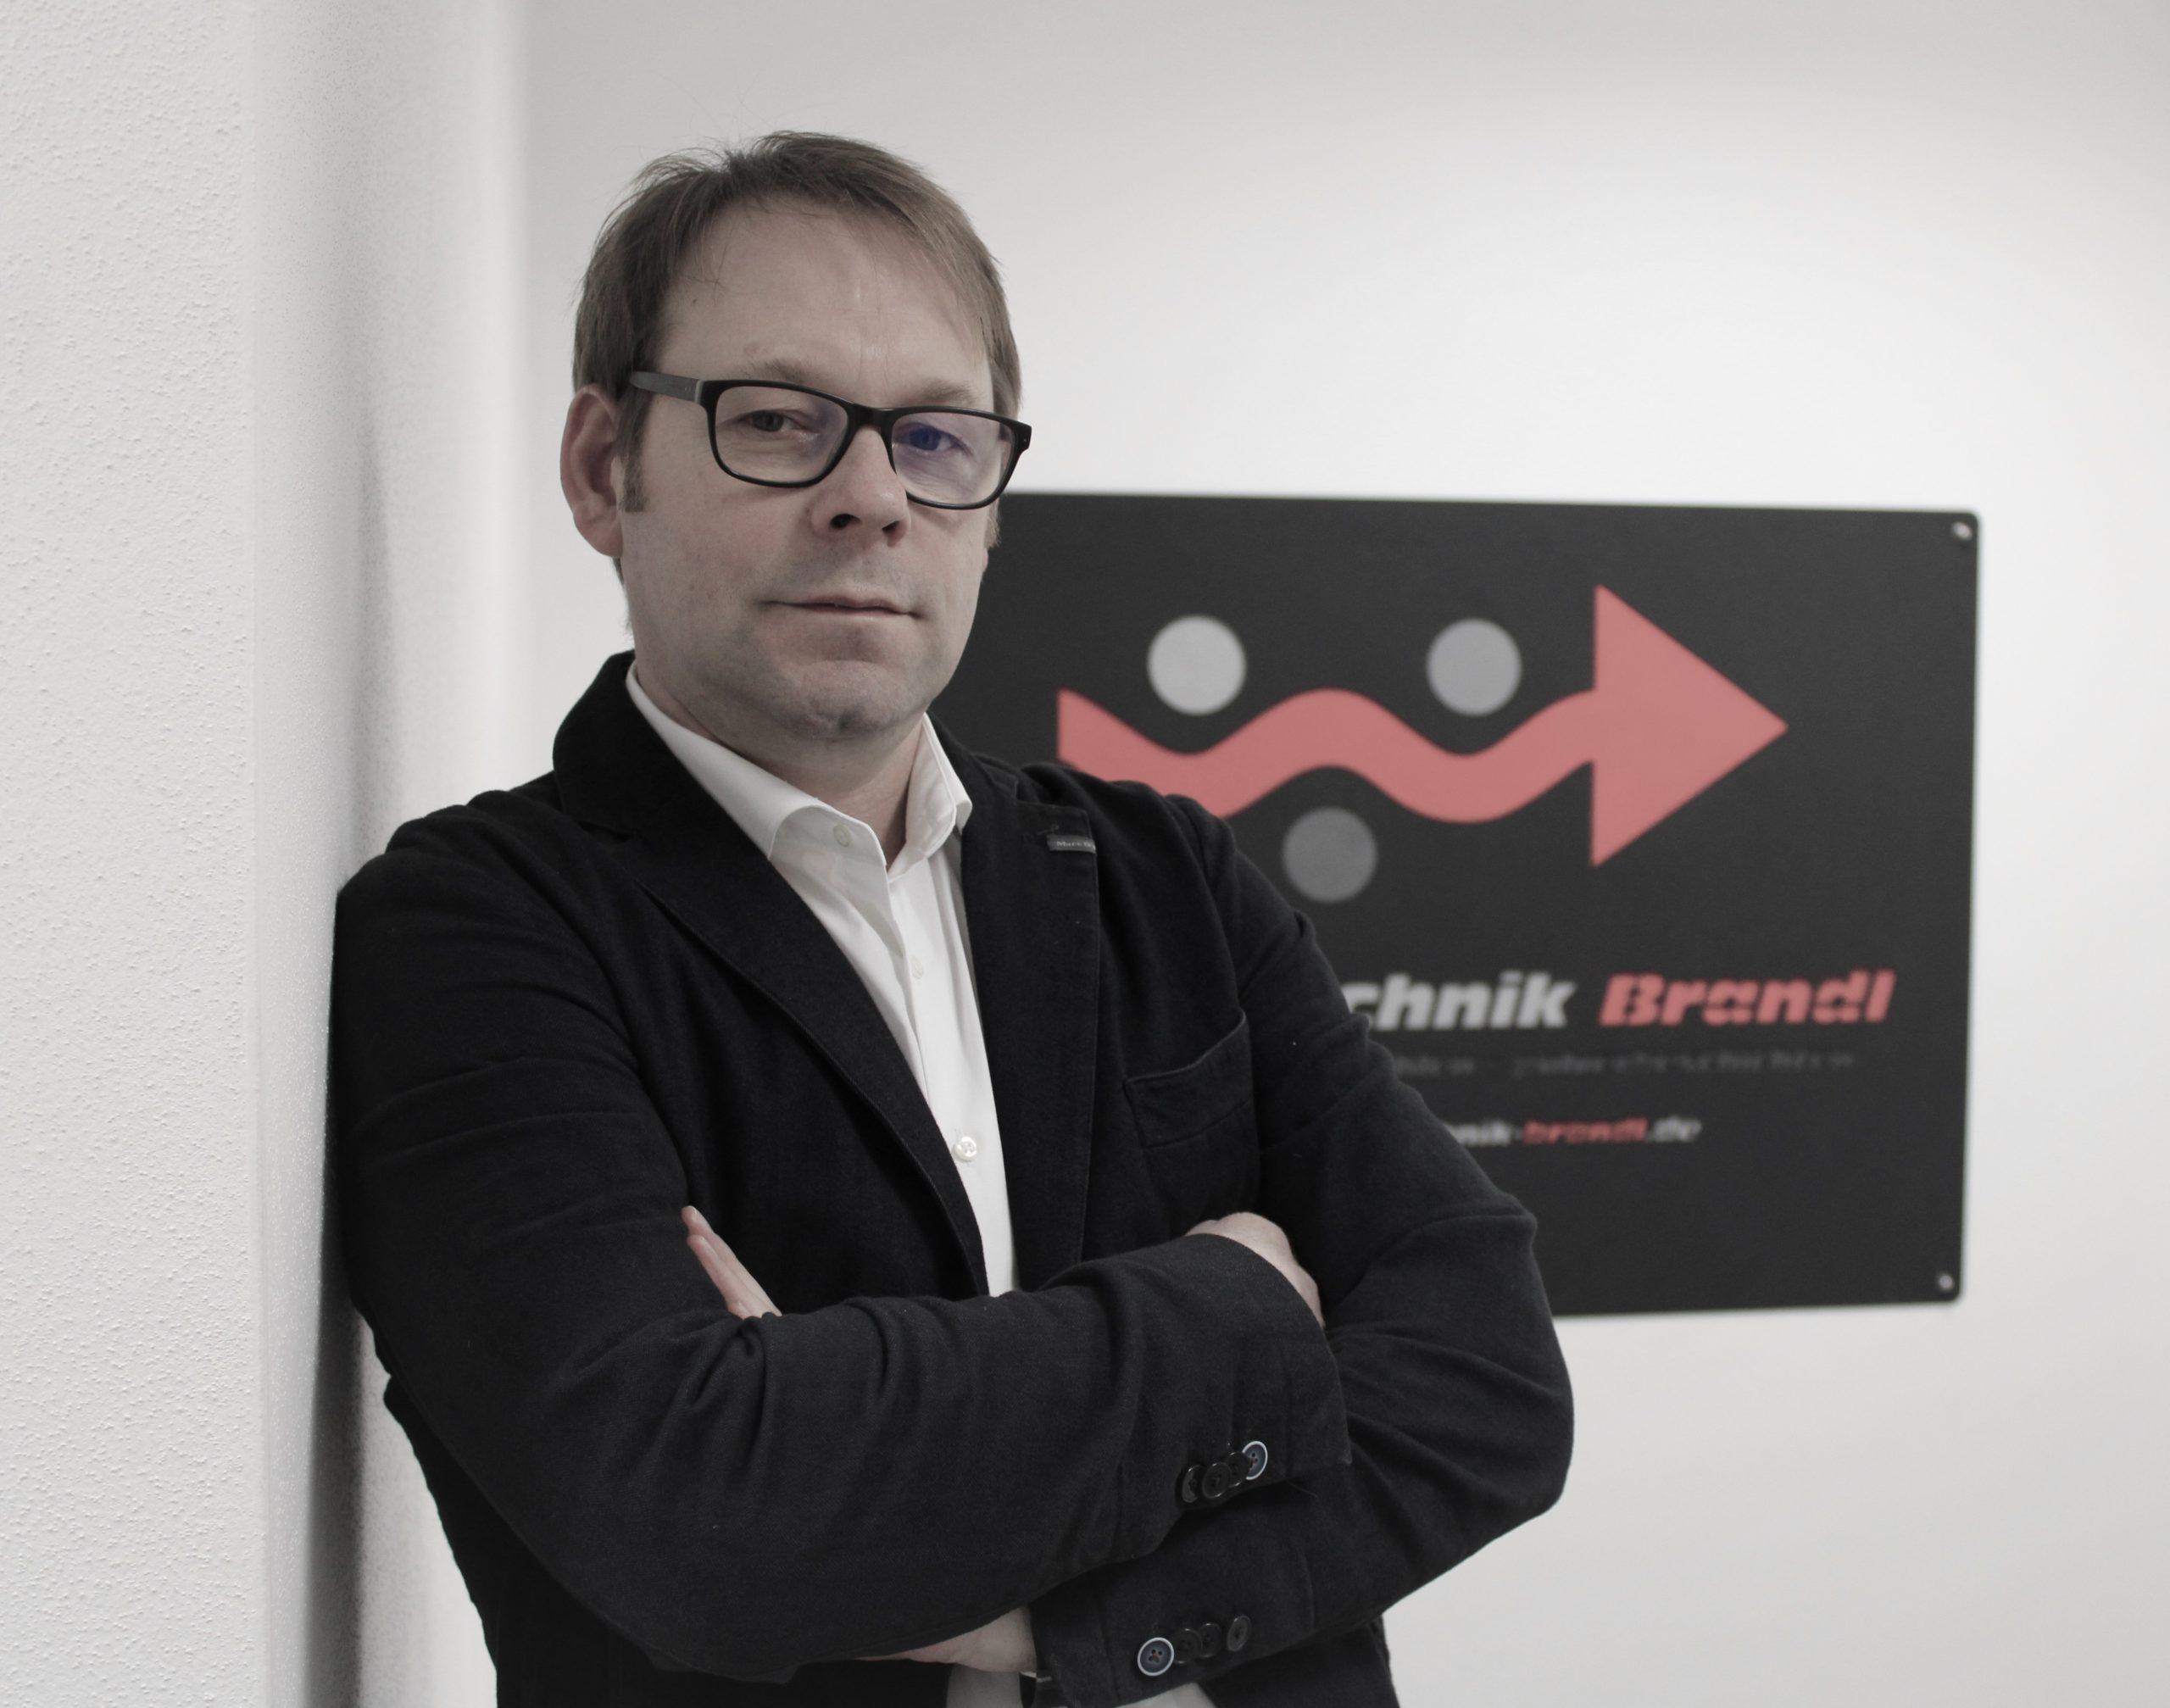 Geschäftsführer Markus Brandl Strahltechnik Brandl GmbH